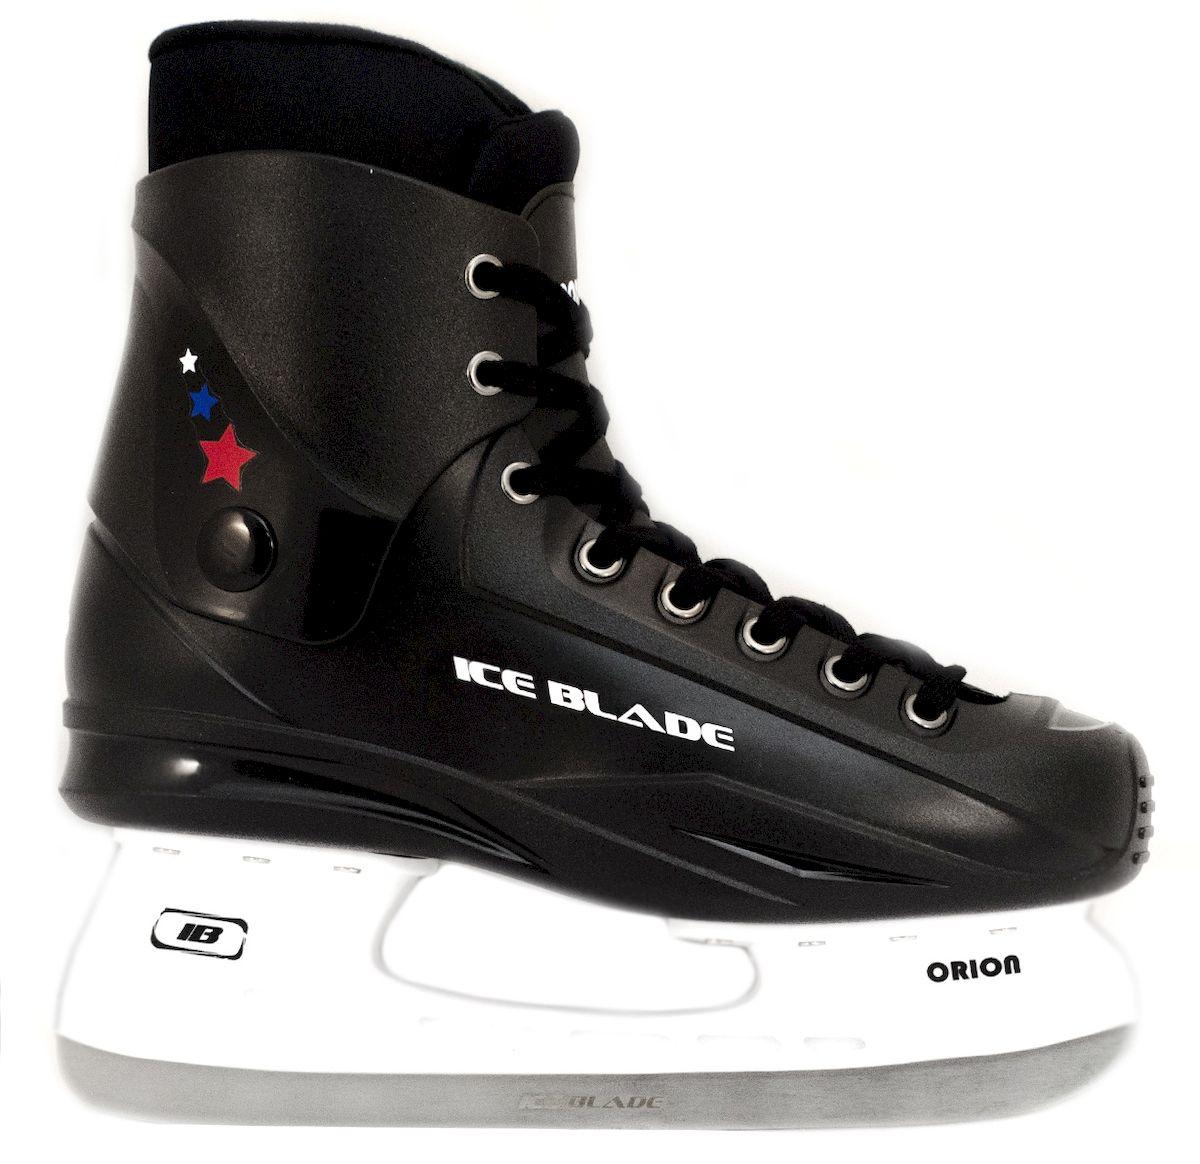 Коньки хоккейные Ice Blade Orion, цвет: черный. УТ-00004984. Размер 45